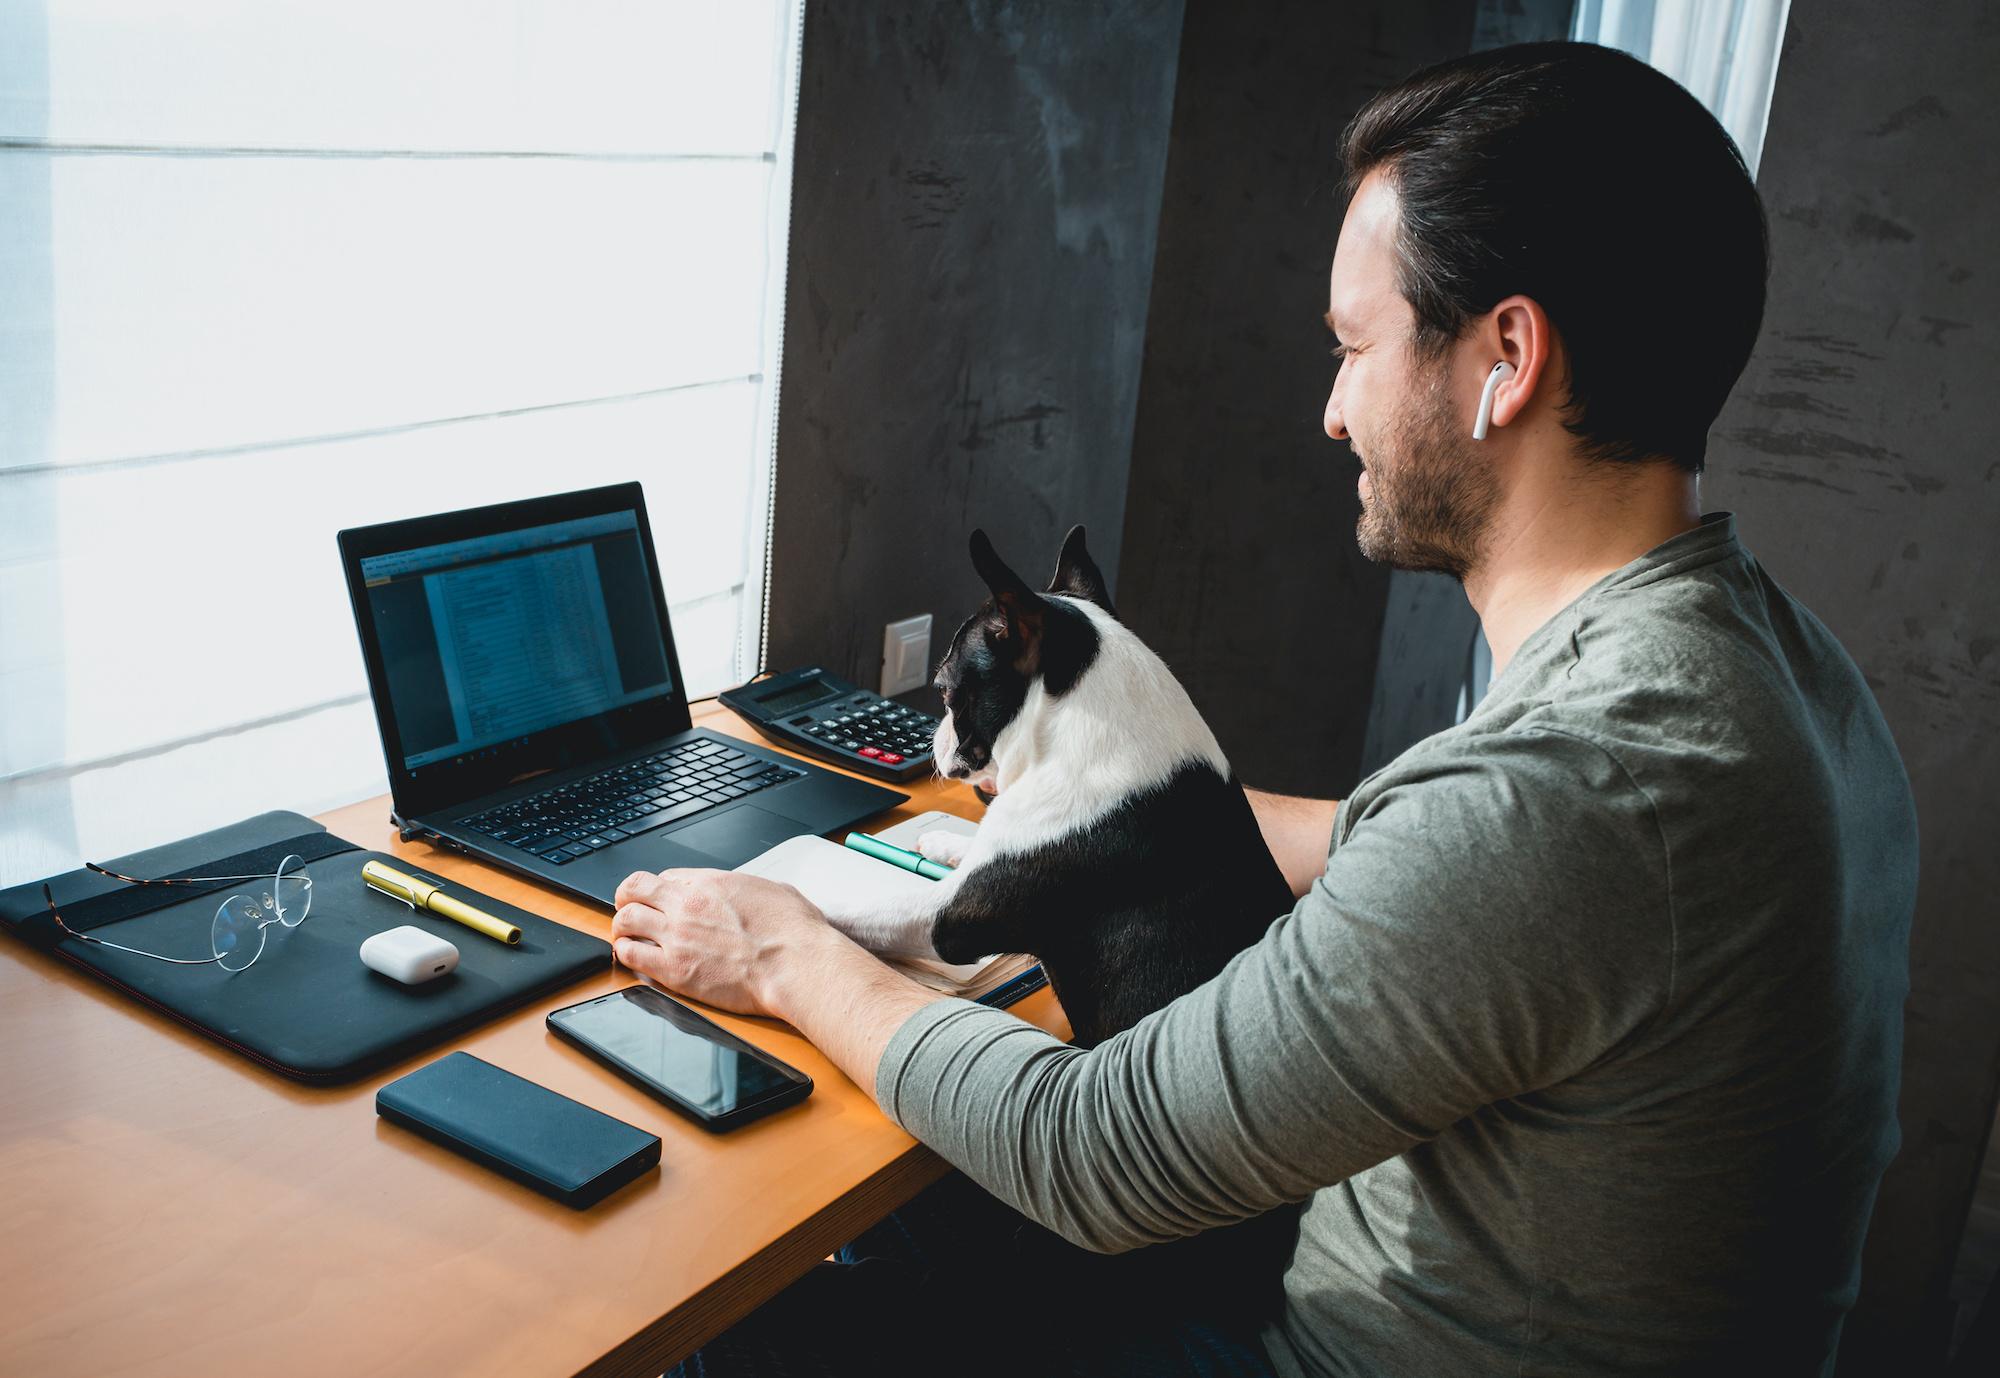 Domowe biuro - o czym musisz pamiętać? - Zdjęcie główne